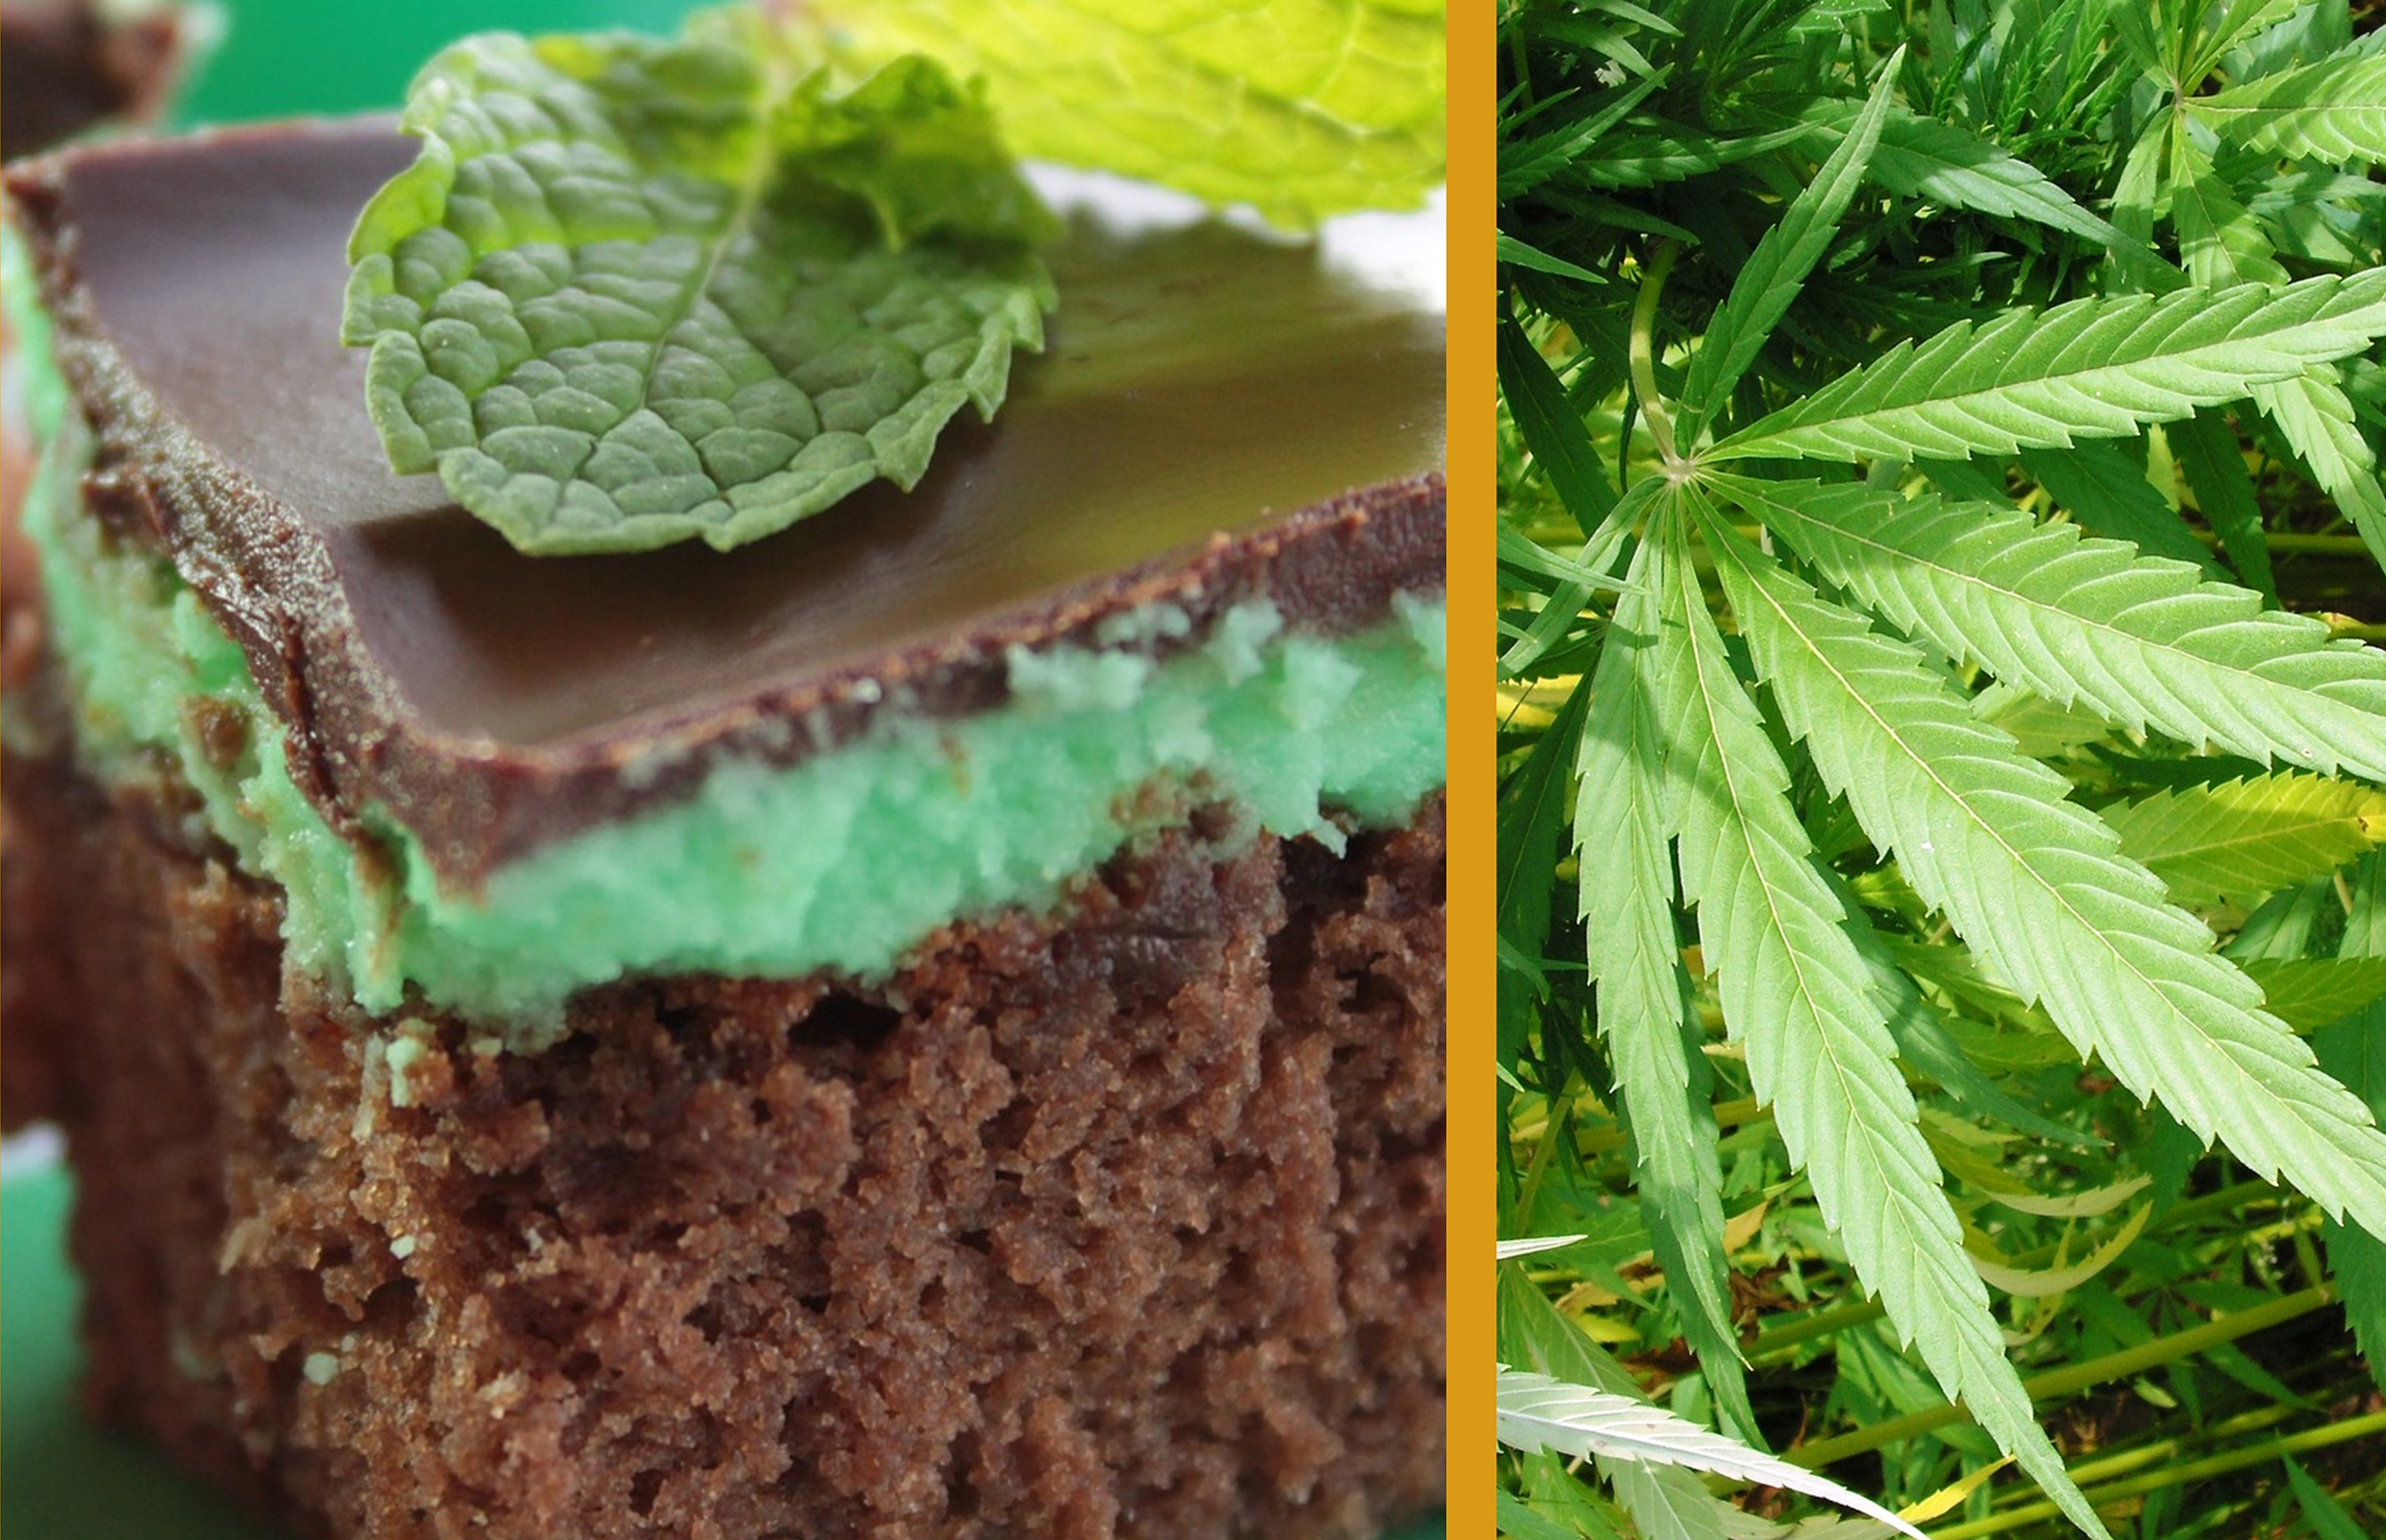 Die Vorteile des Essens von Cannabis